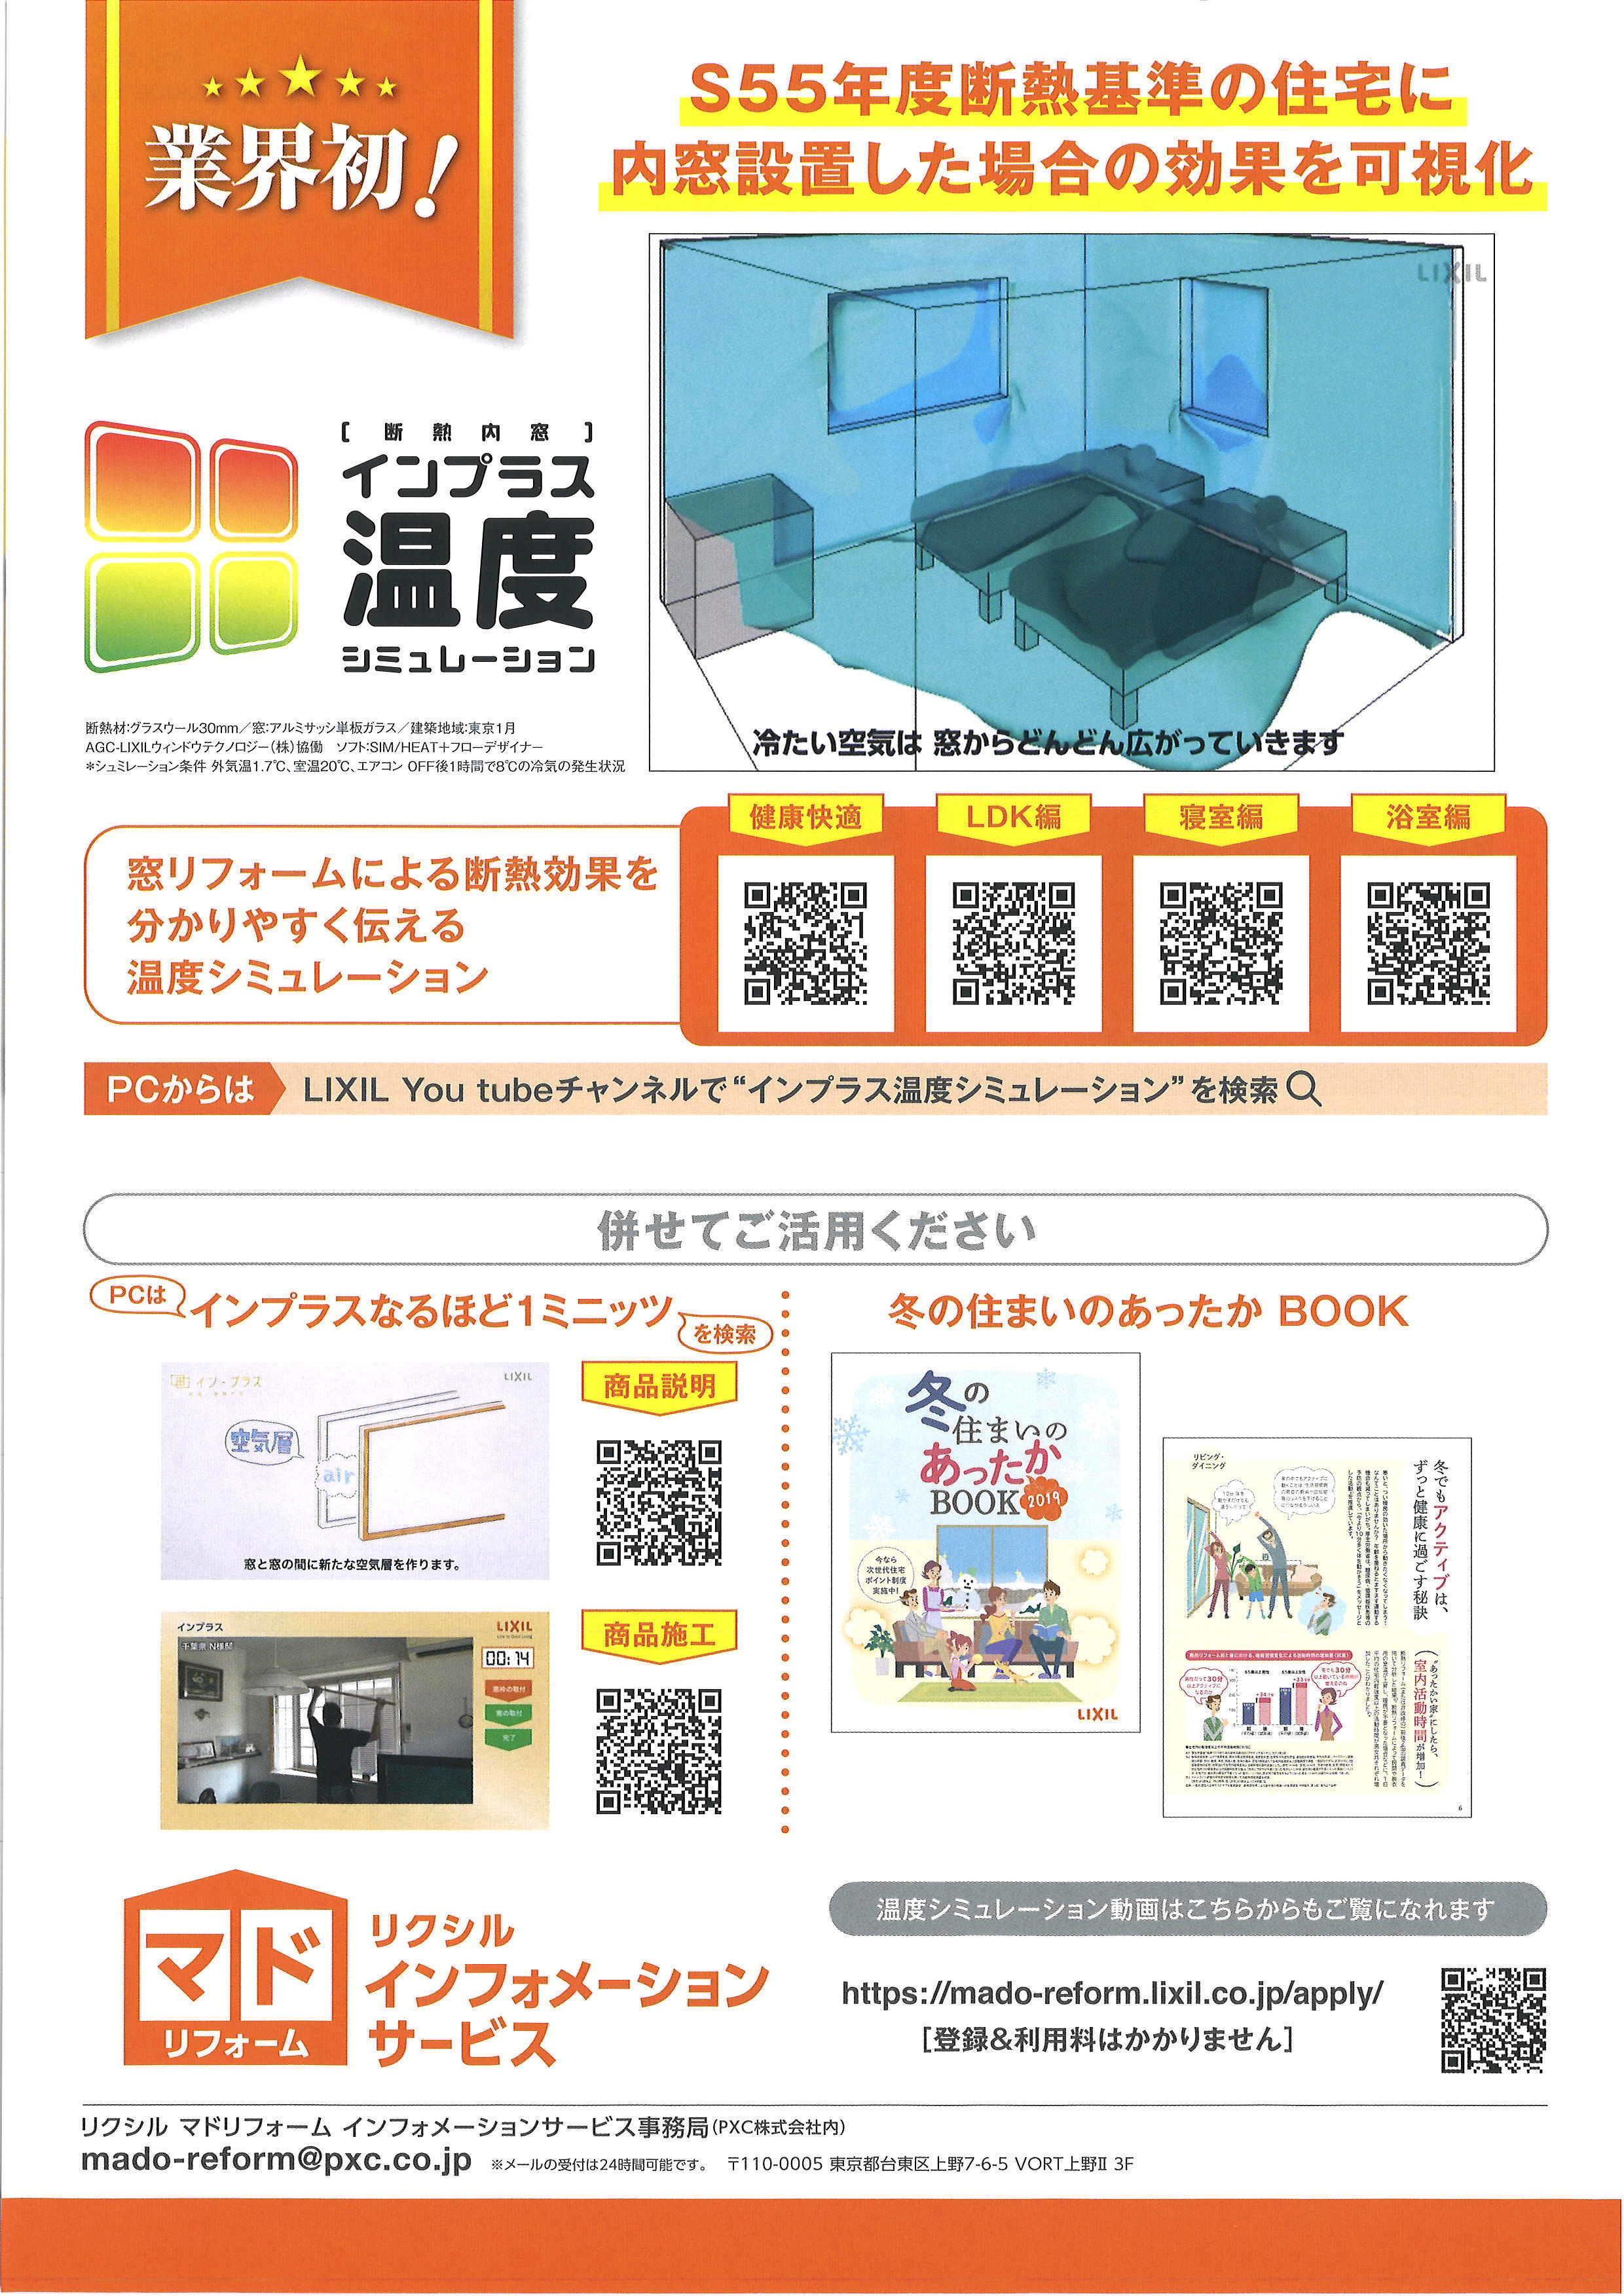 https://lixil-reformshop.jp/shop/SC00111026/photos/d91cab515d2fd90bde44c0589c13de3600263503.jpg